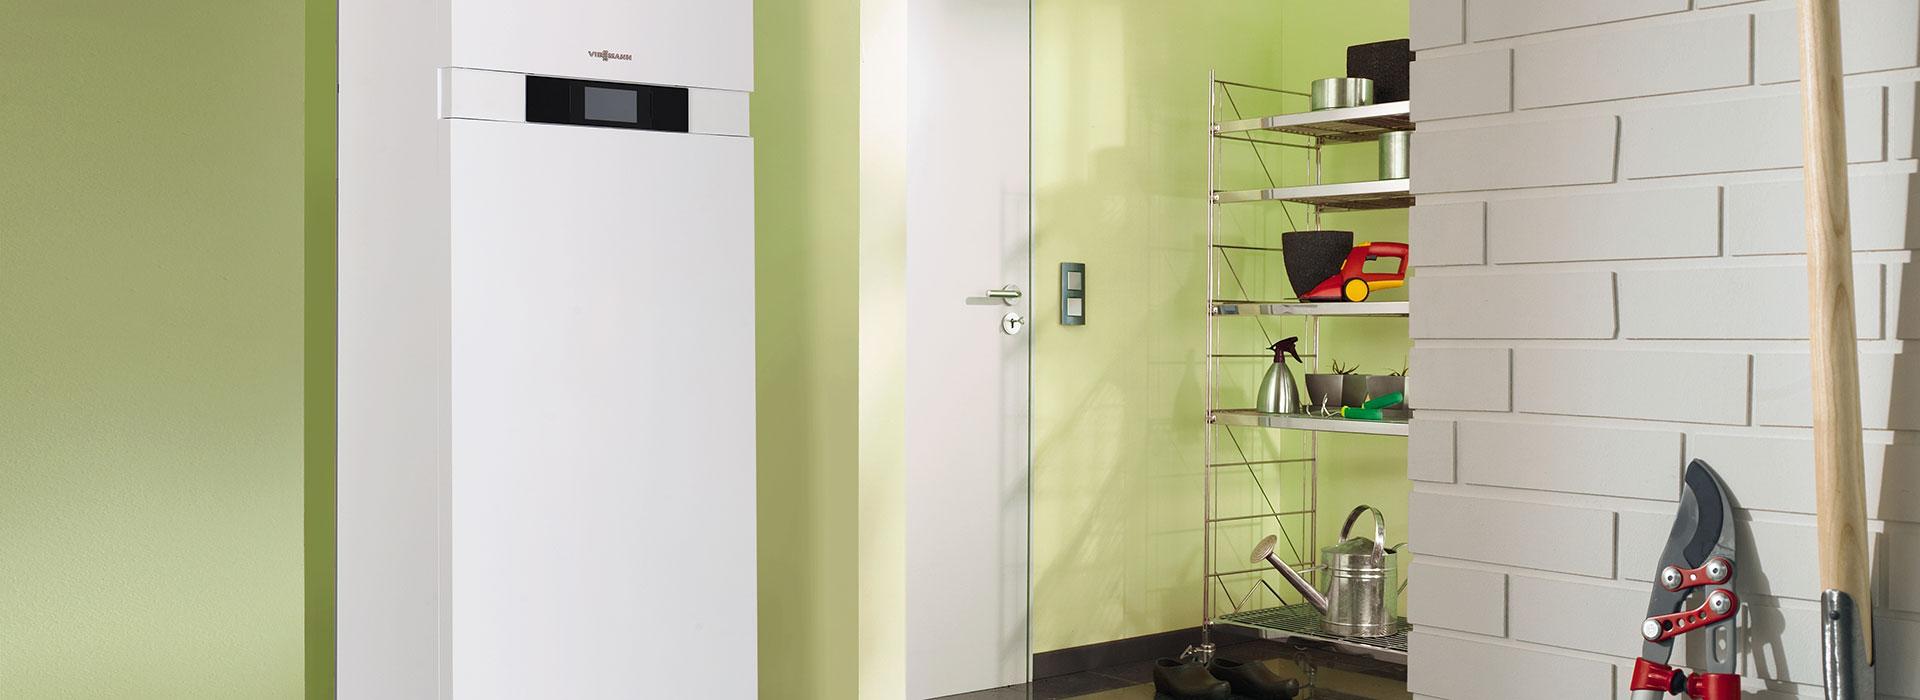 mario hanschke gmbh heizen mit gas. Black Bedroom Furniture Sets. Home Design Ideas